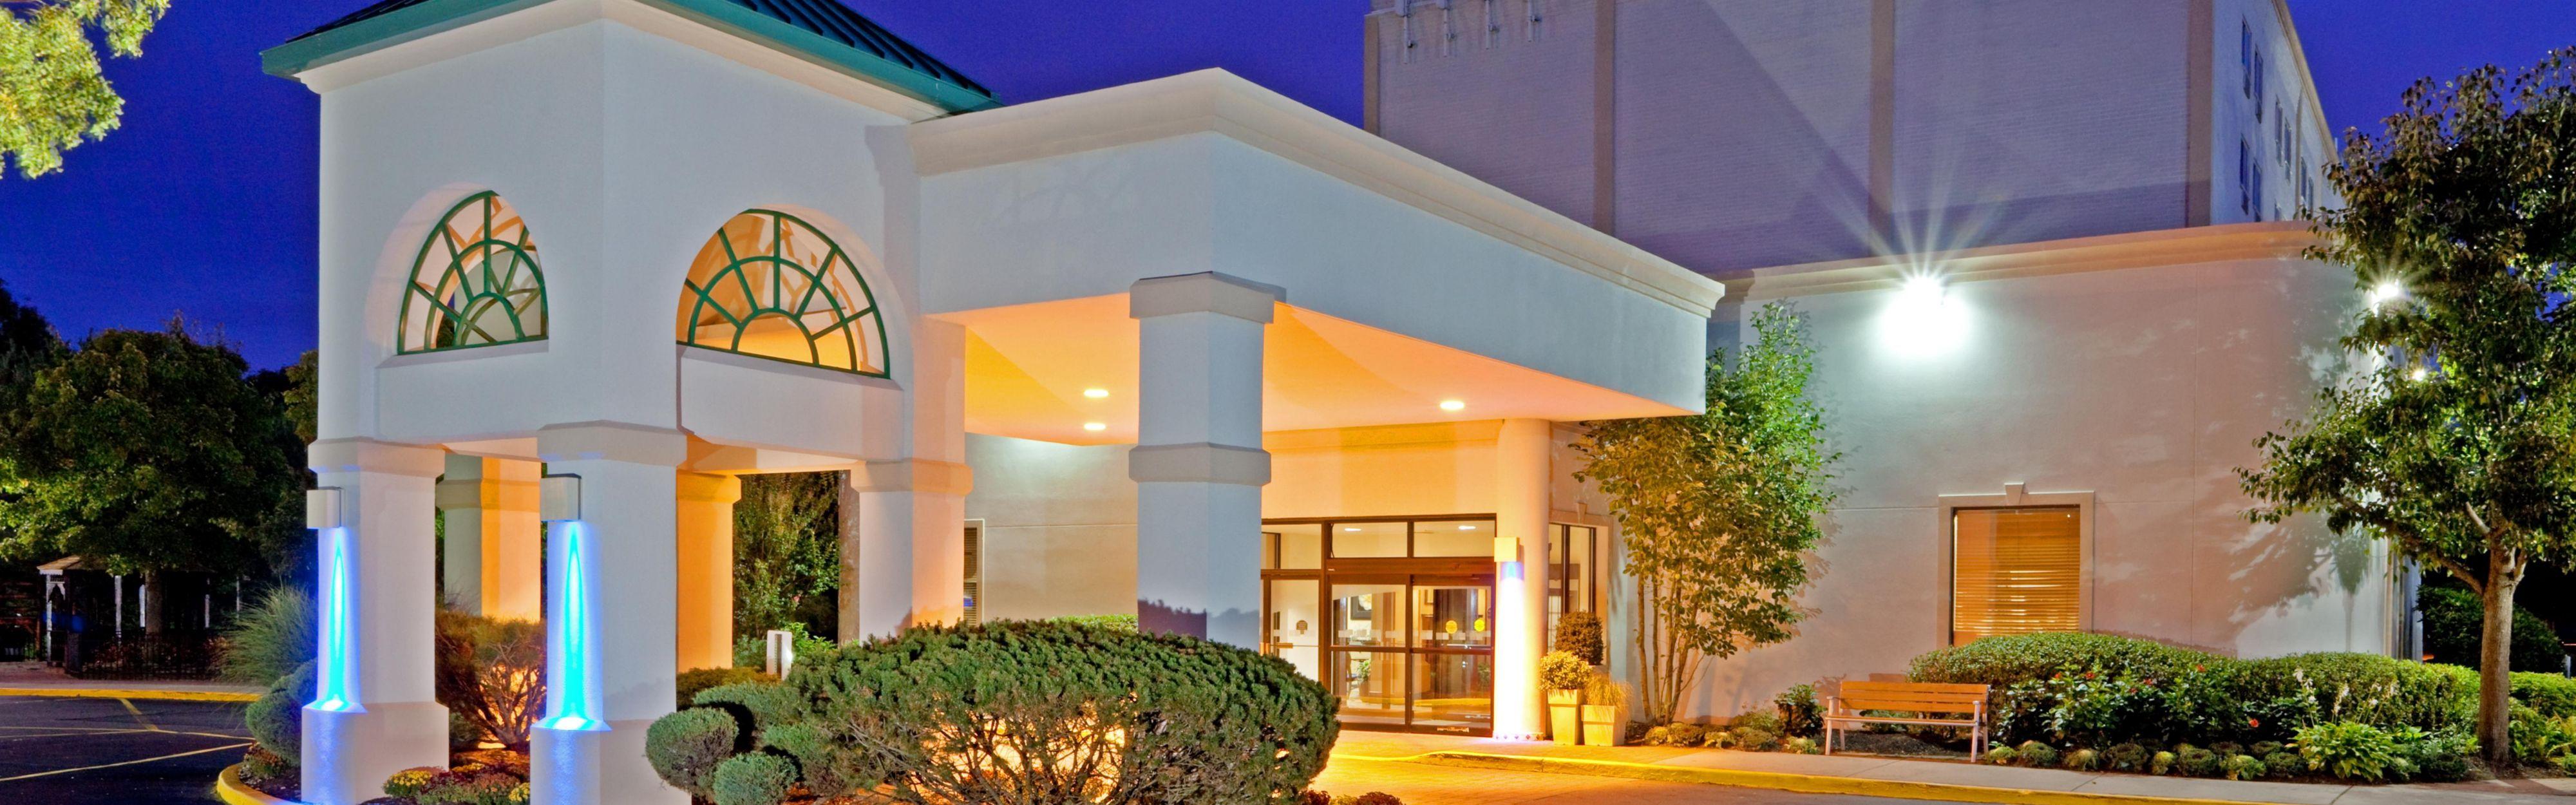 Hotels Near Centereach Ny